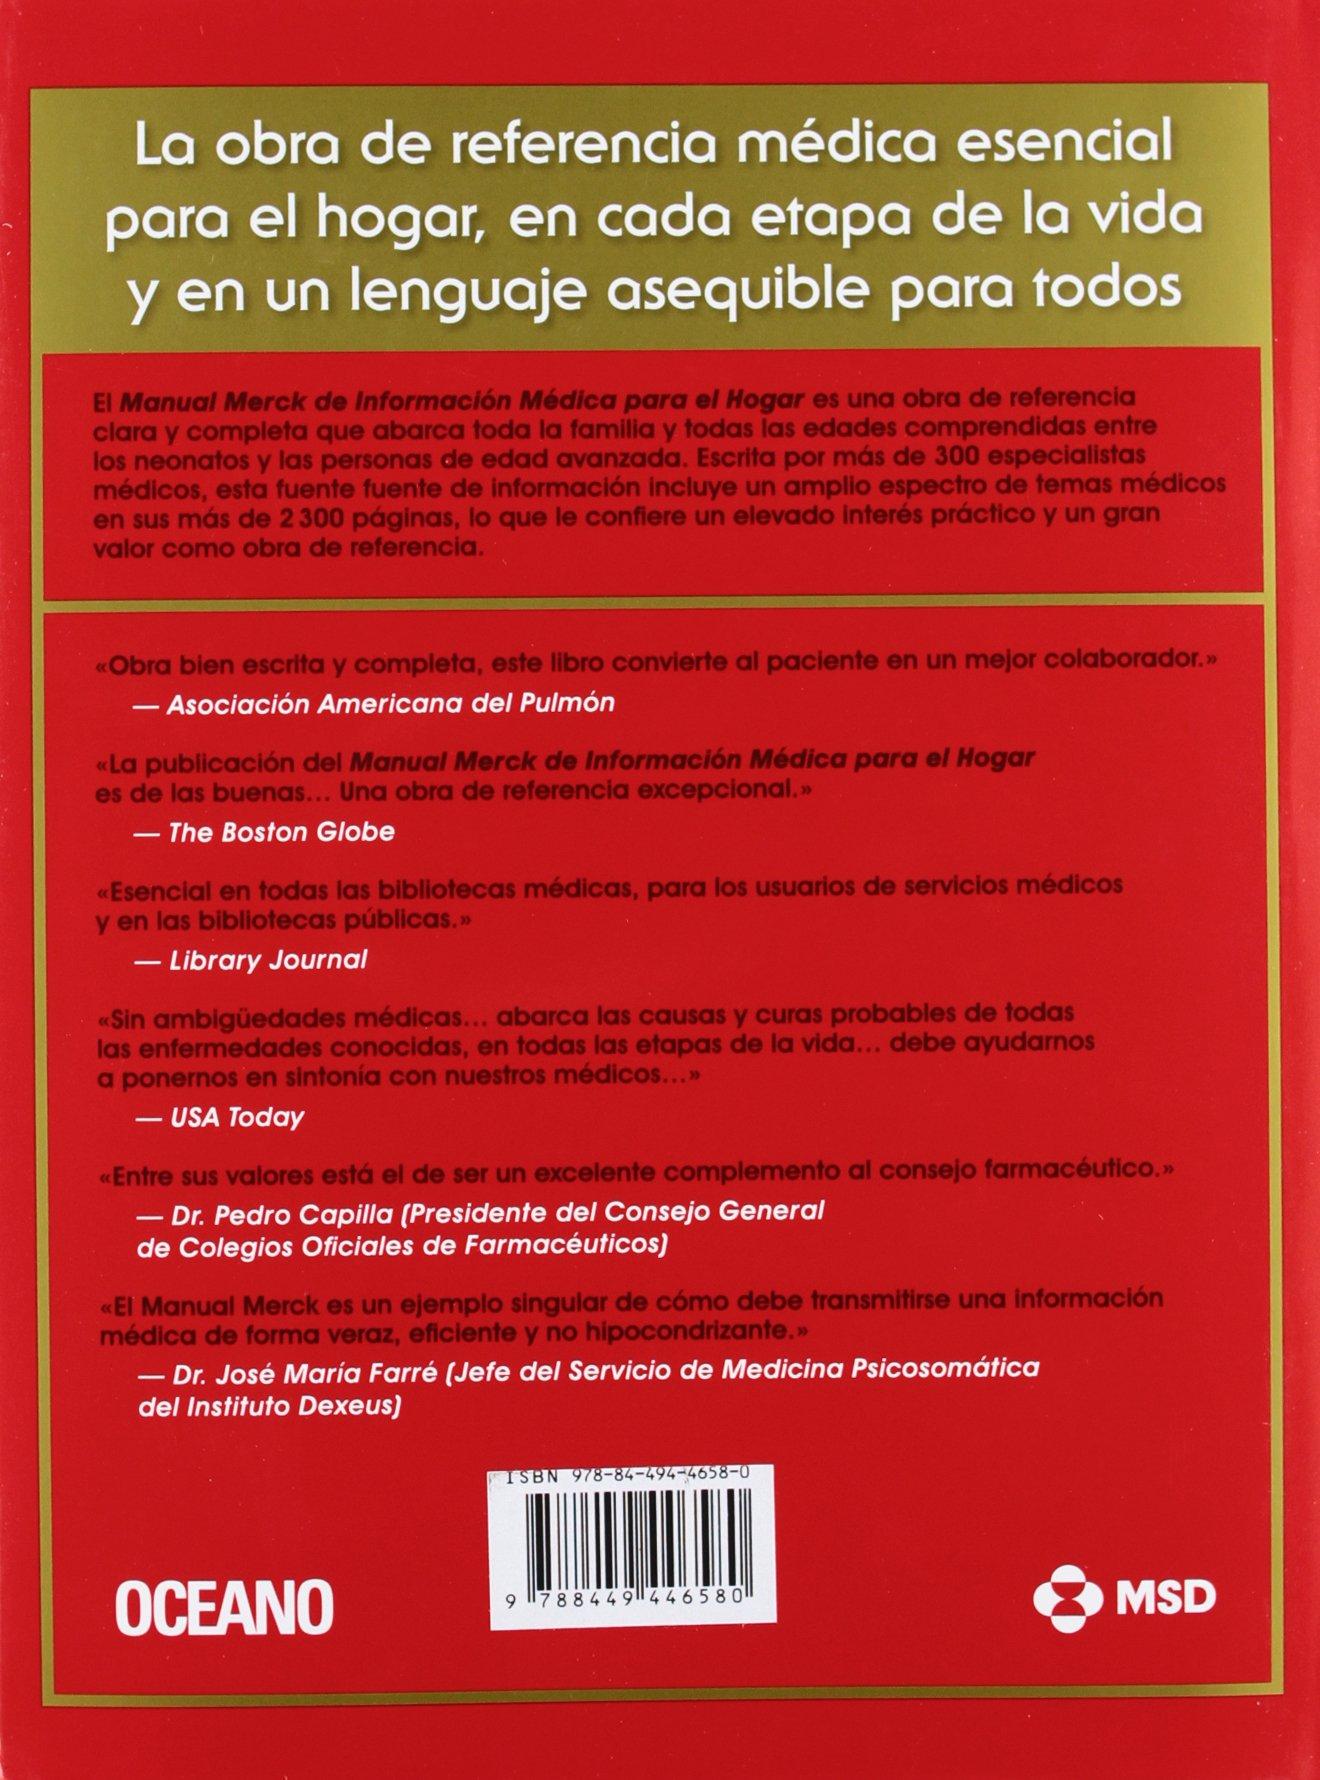 Manual Merk de información médica para el hogar 81GO0psq5UL